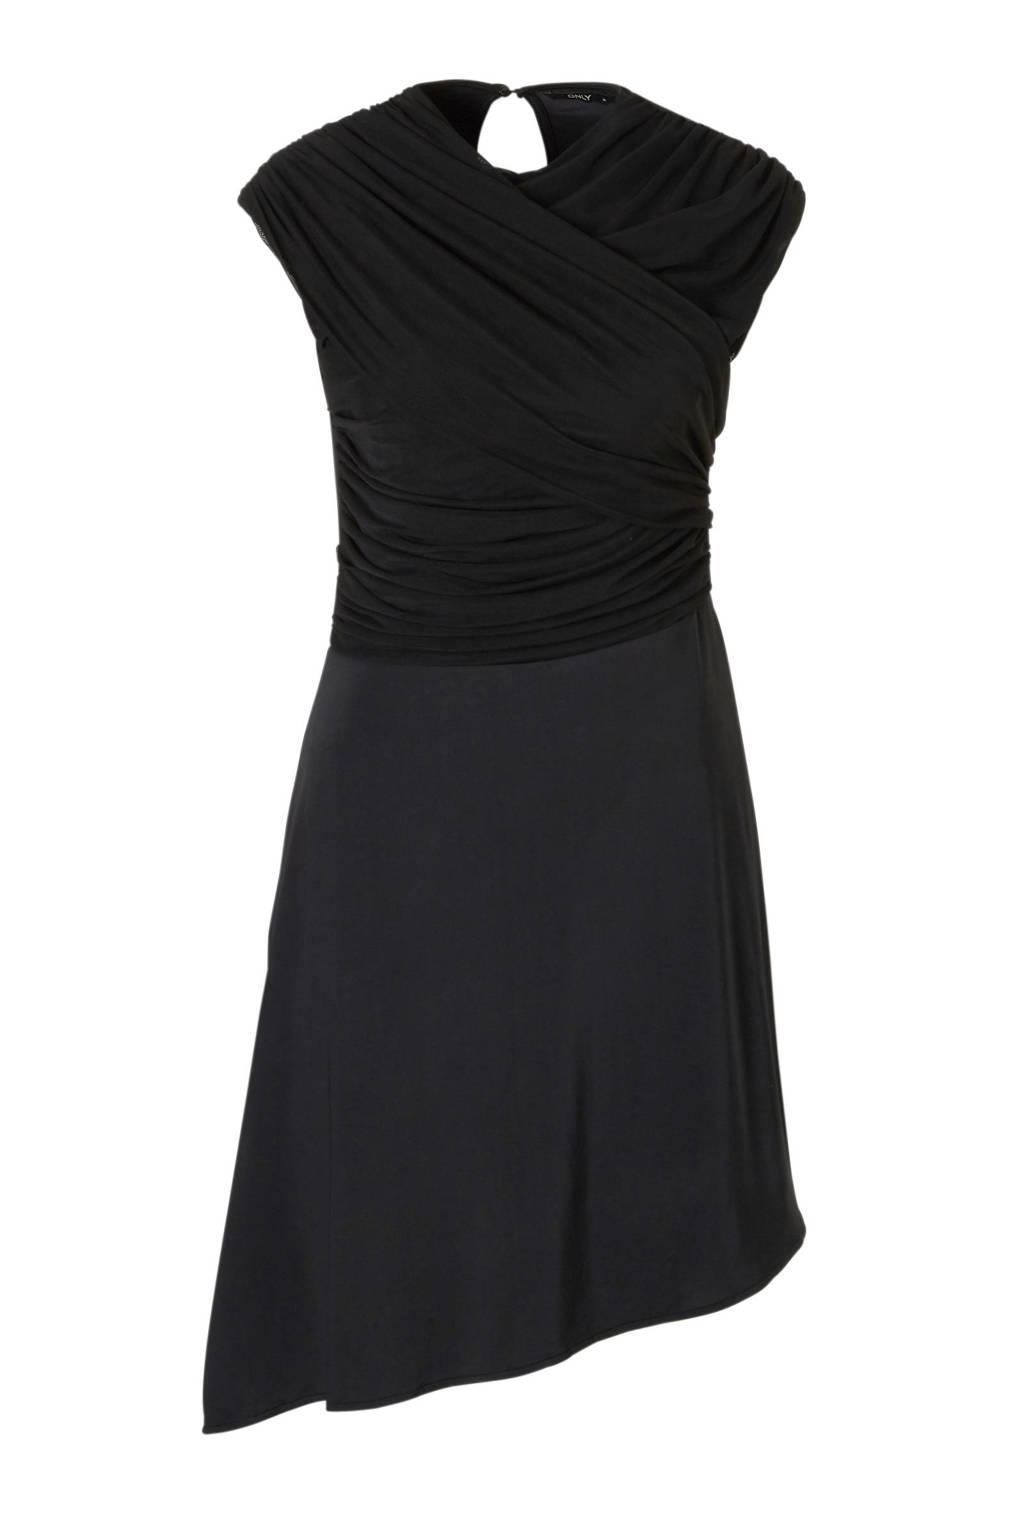 ONLY jurk met mesh en schuine rok, Zwart